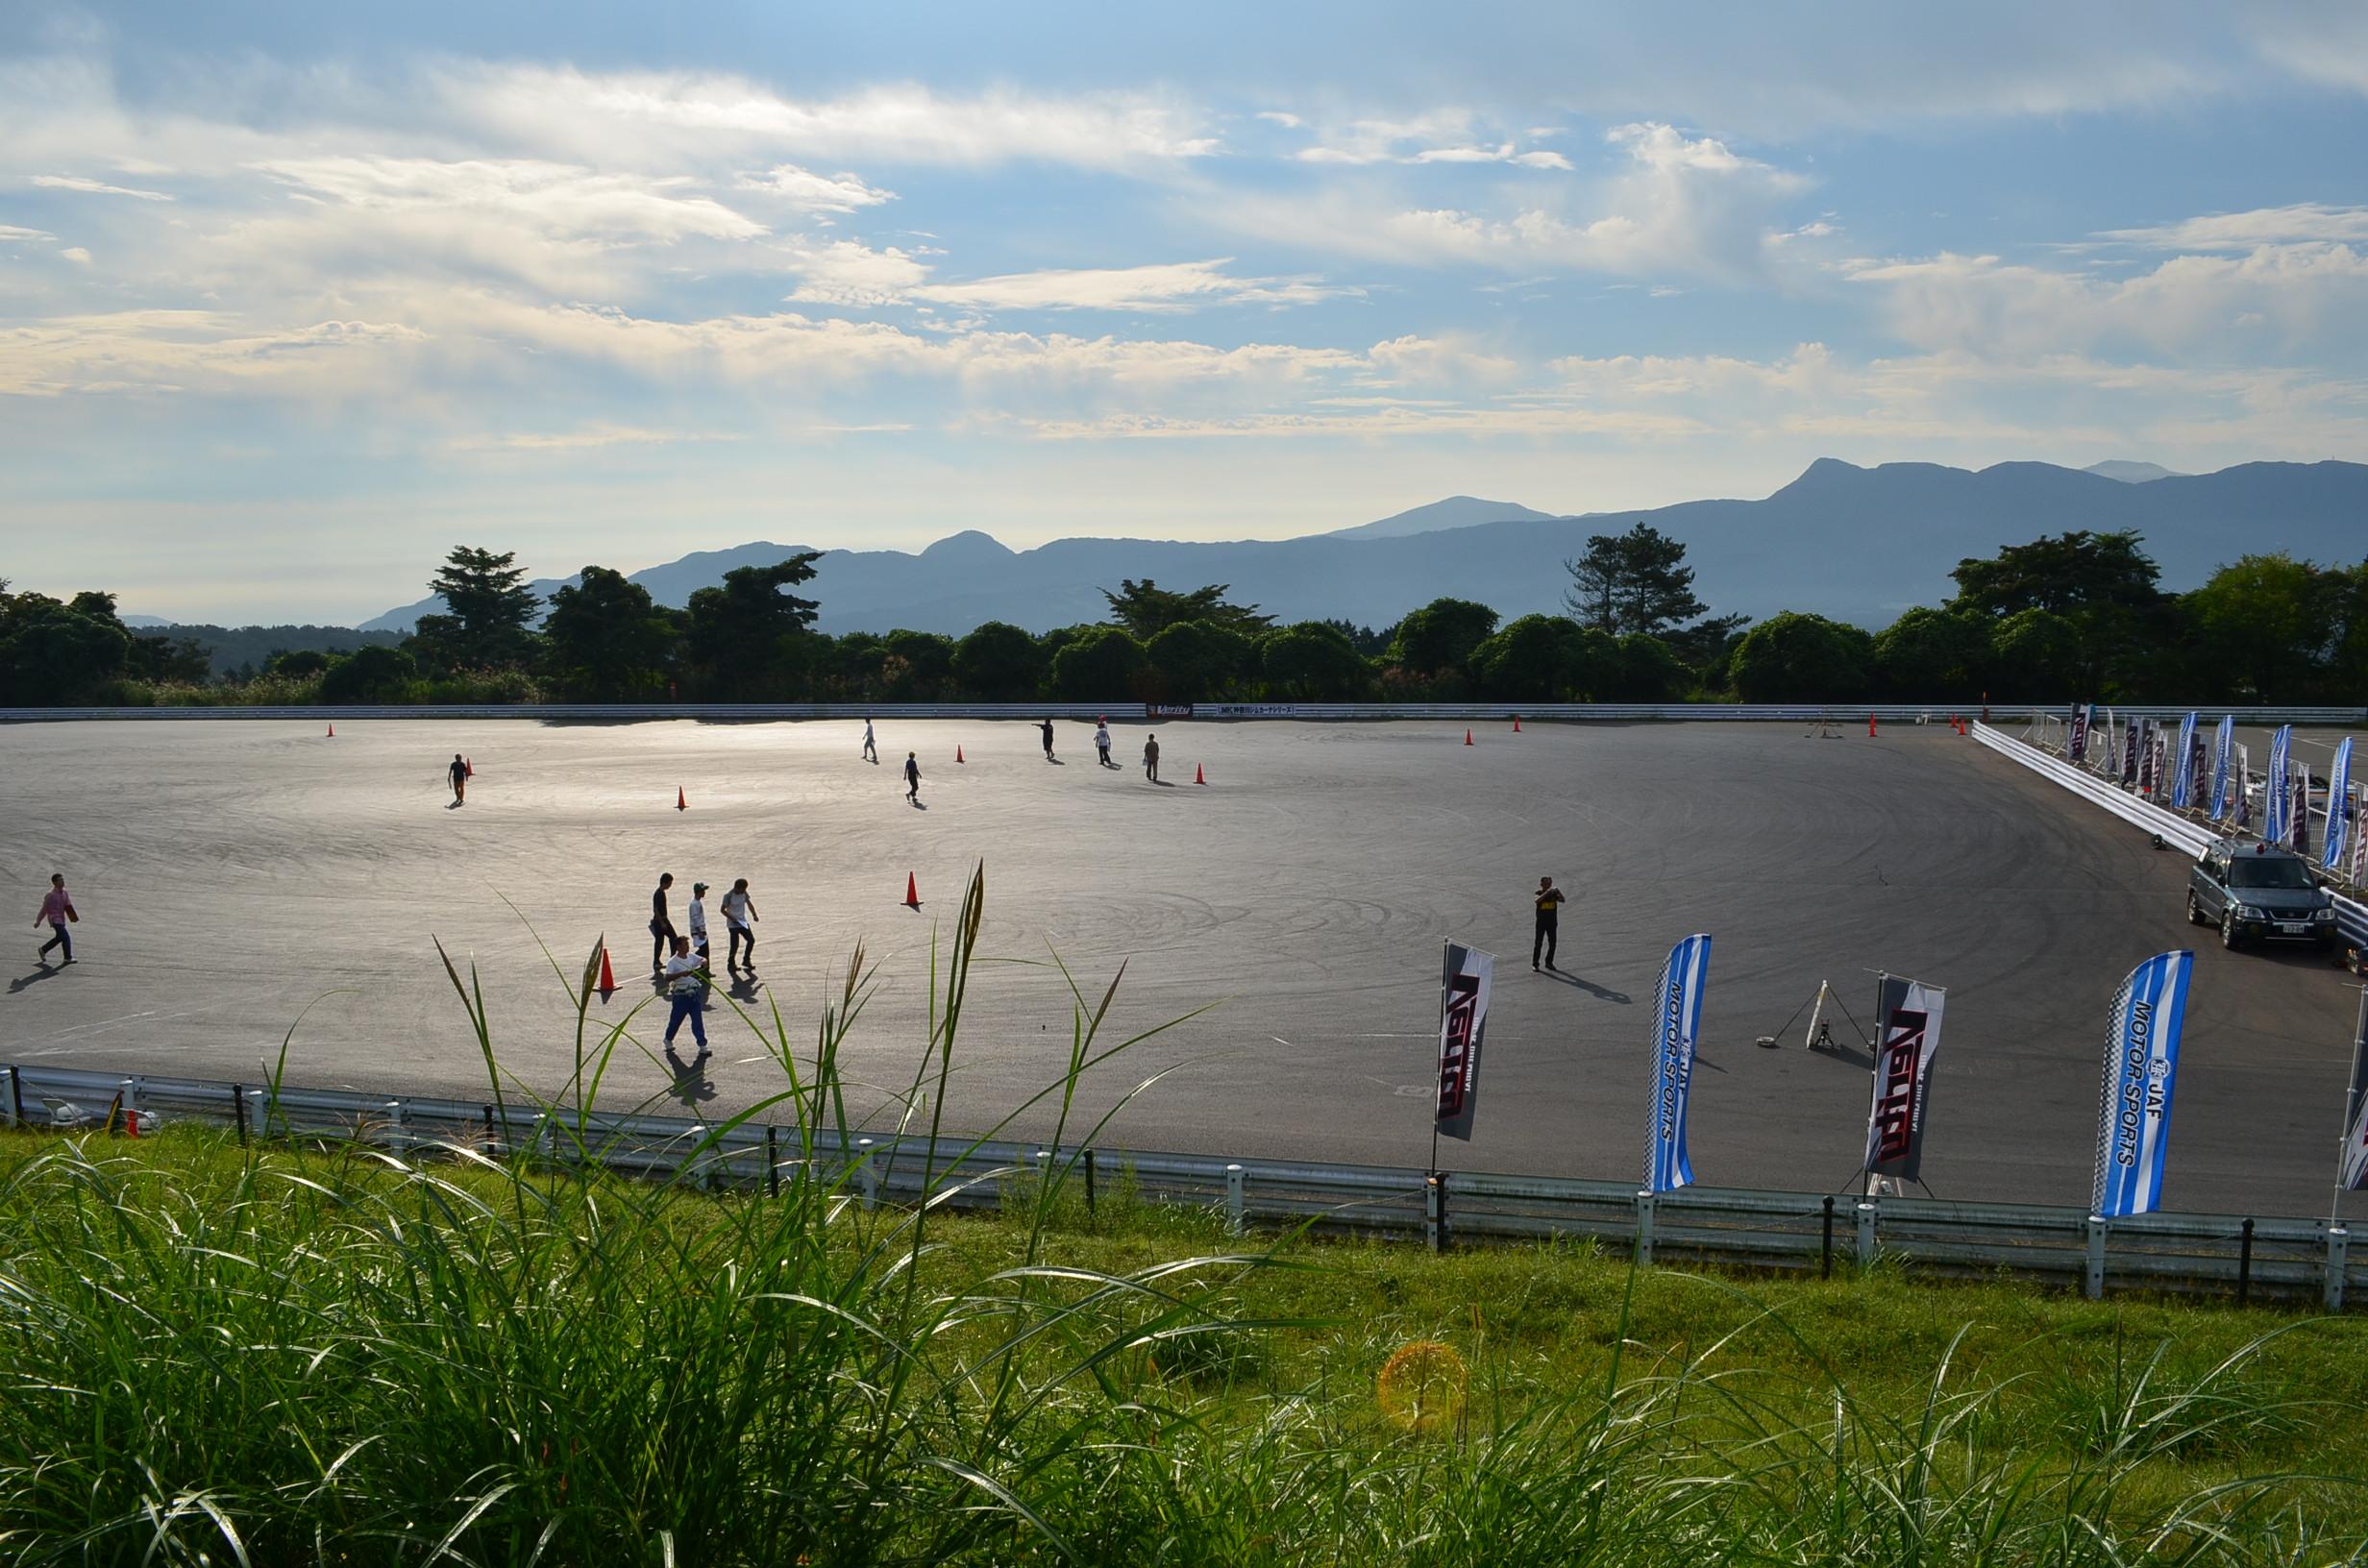 http://jafevent.jp/area/kanto/kanagawa/motasupotu/1509_14_027_9.html